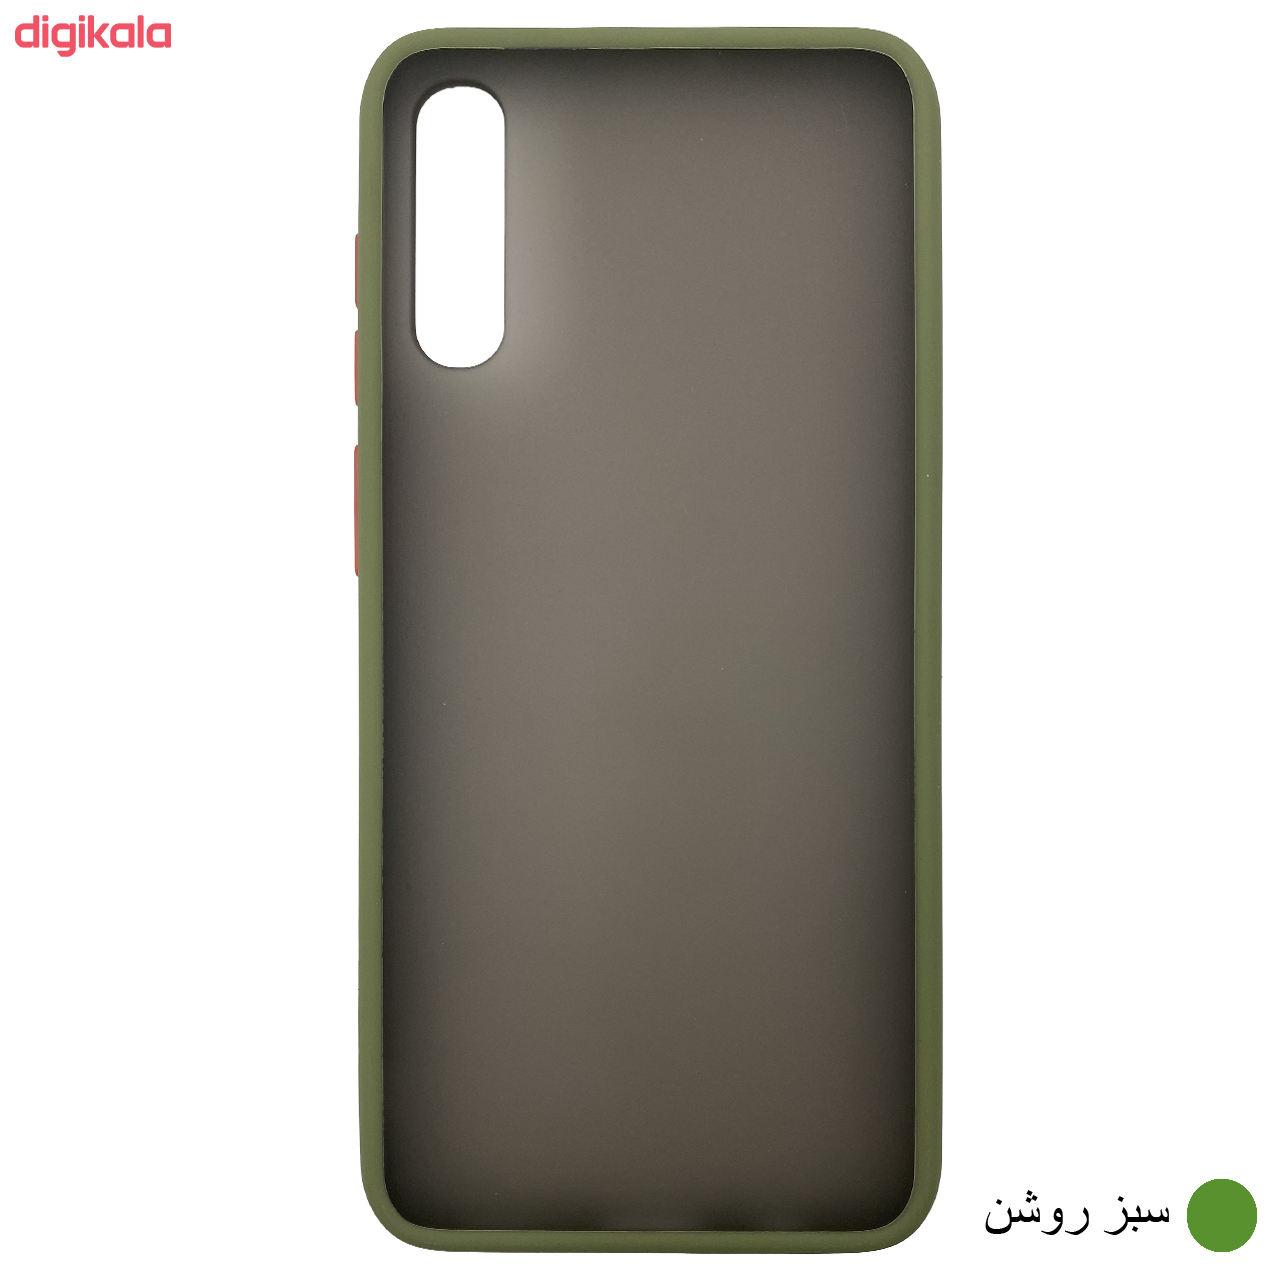 کاور مدل MTT مناسب برای گوشی موبایل سامسونگ Galaxy A50 / A50s / A30s main 1 3